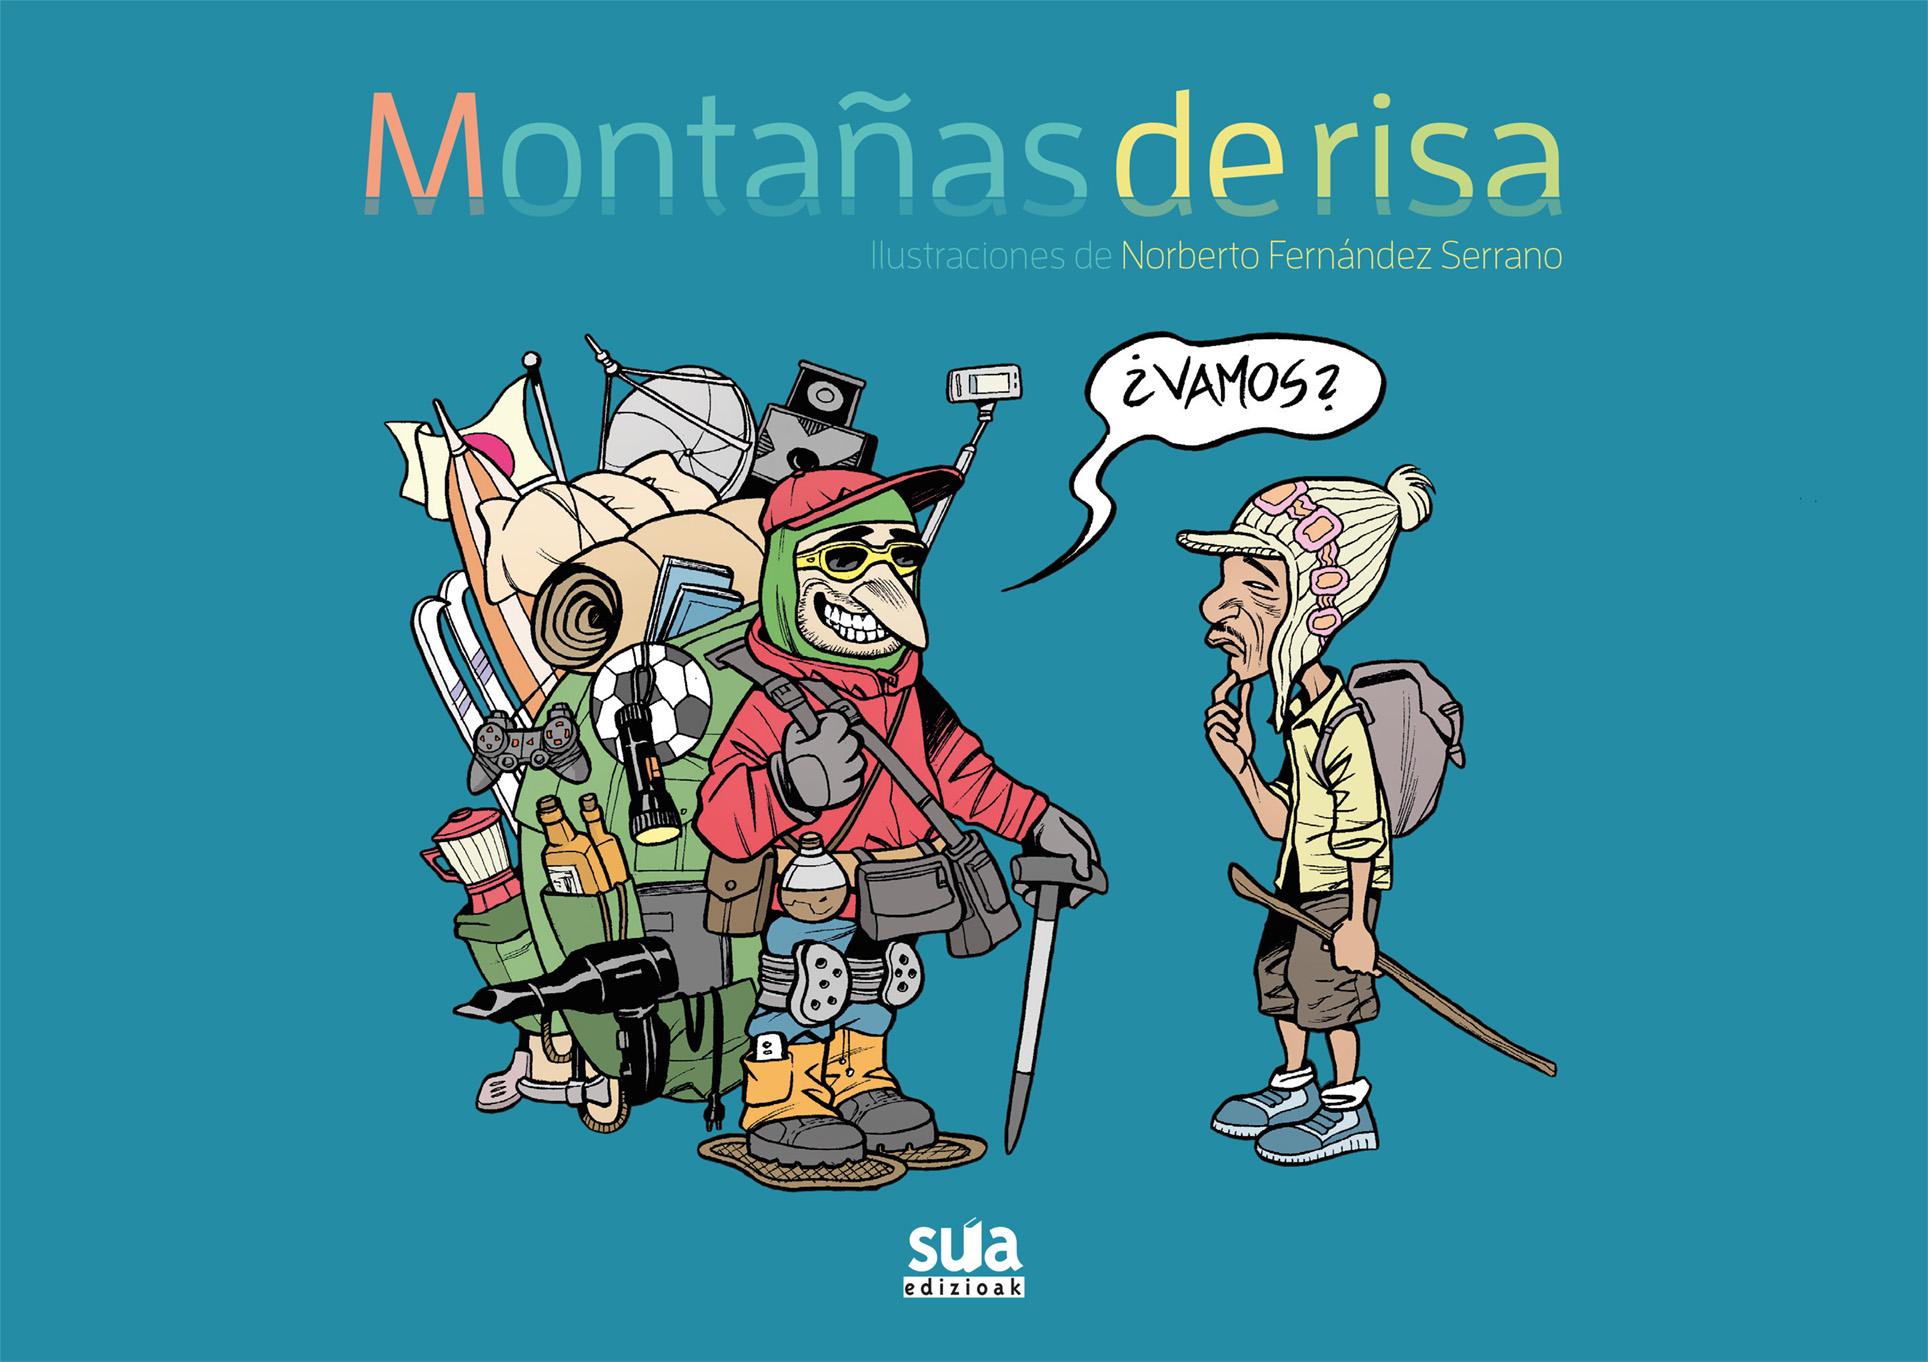 MONTANASdRISA1